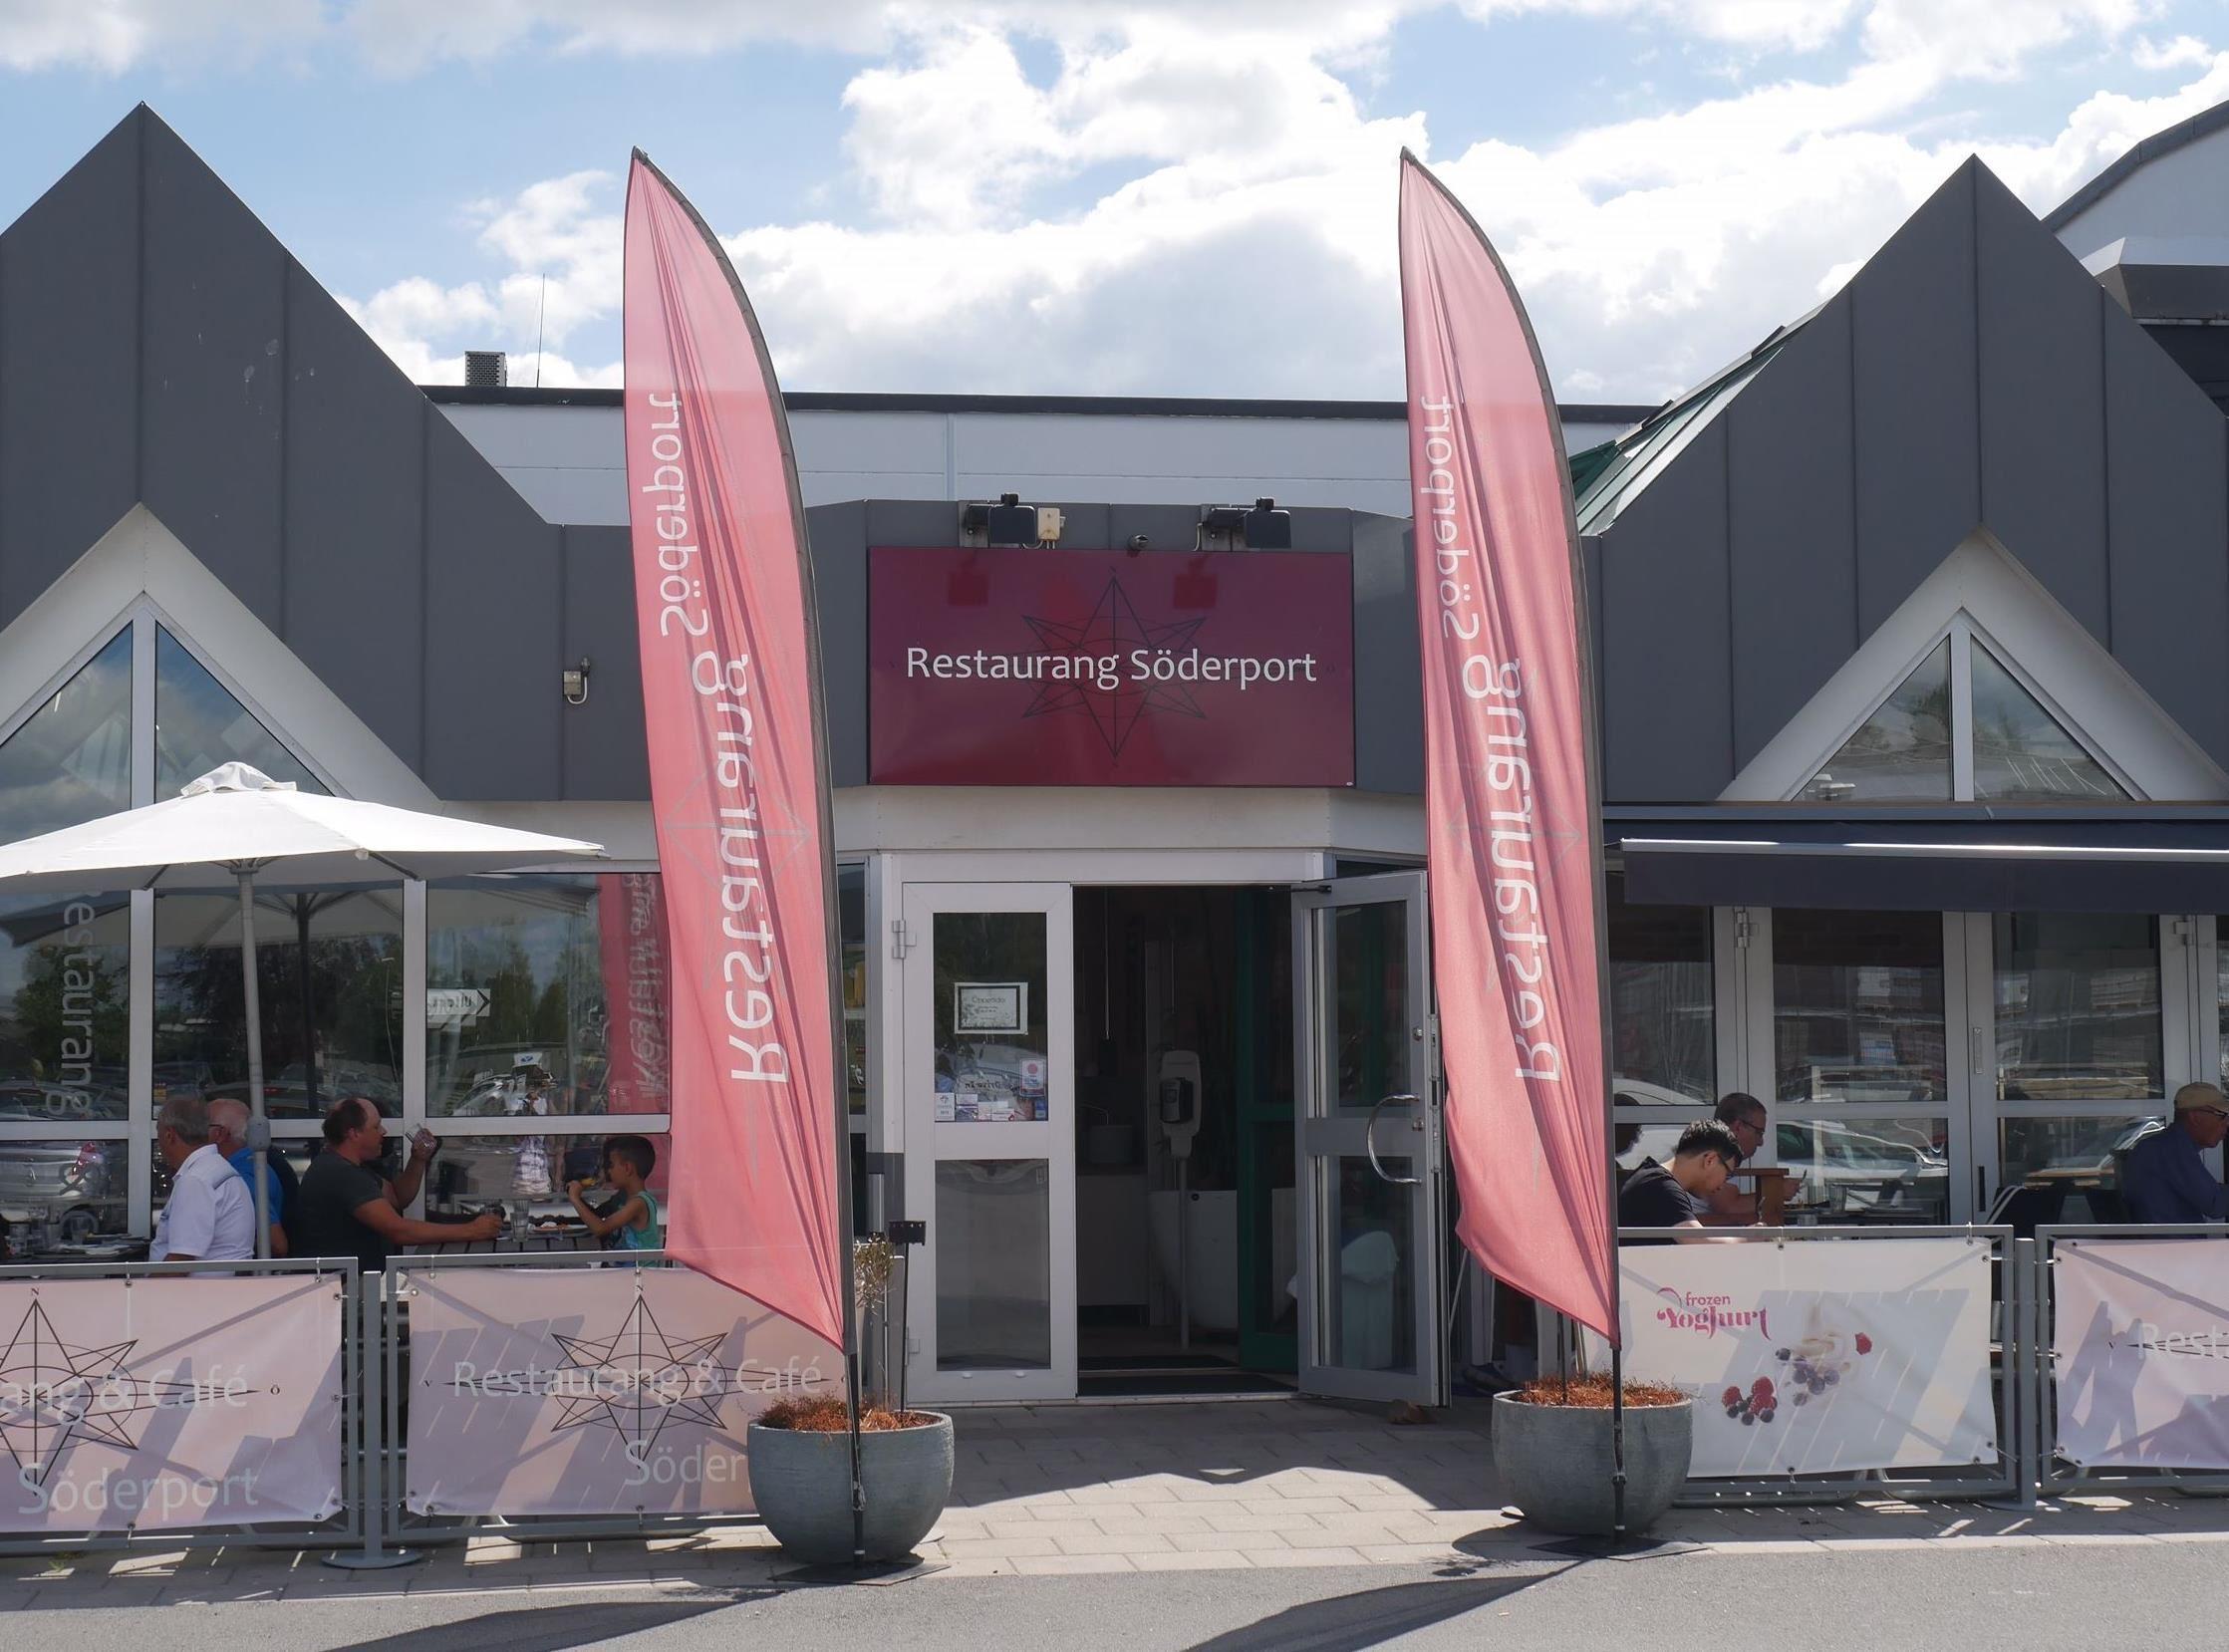 Restaurang & Café Söderport